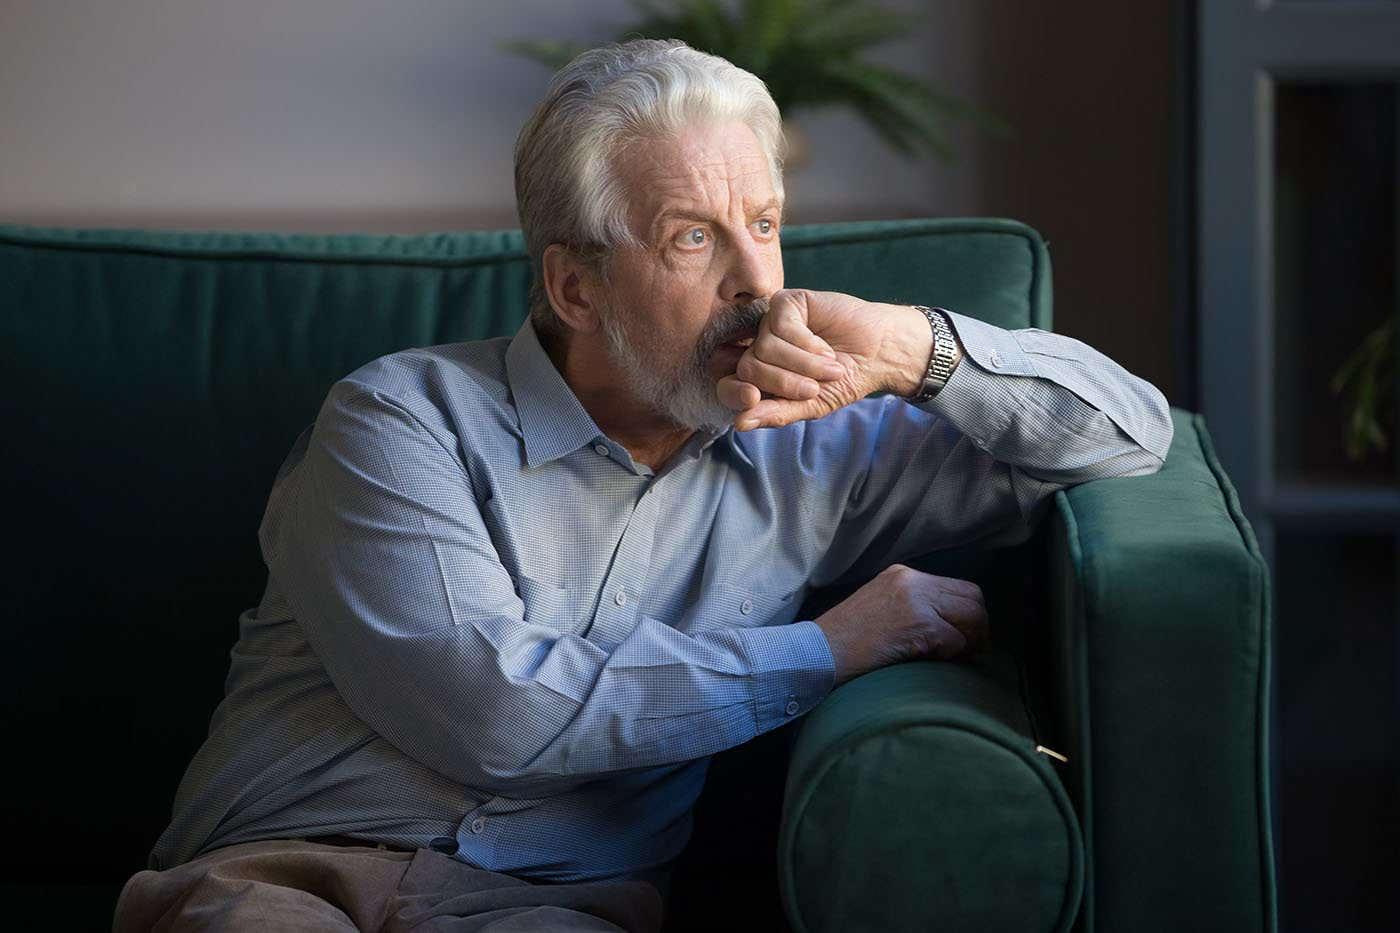 Gândirea negativă persistentă crește riscul de Alzheimer [studiu]